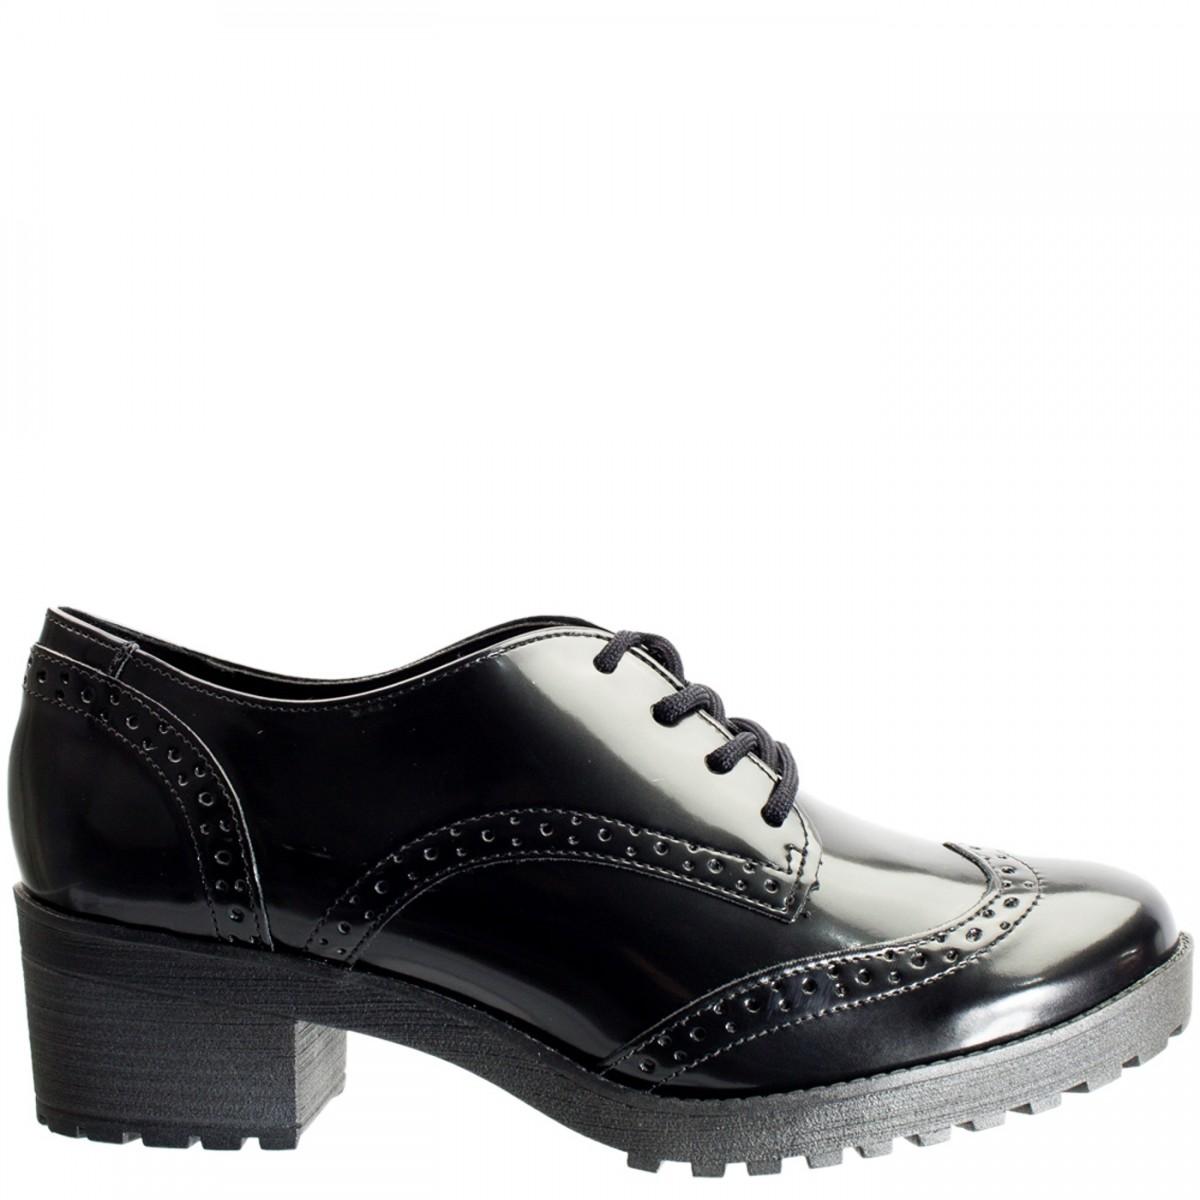 10e2a62412 Bizz Store - Sapato Oxford Feminino Via Marte Box Verniz Preto